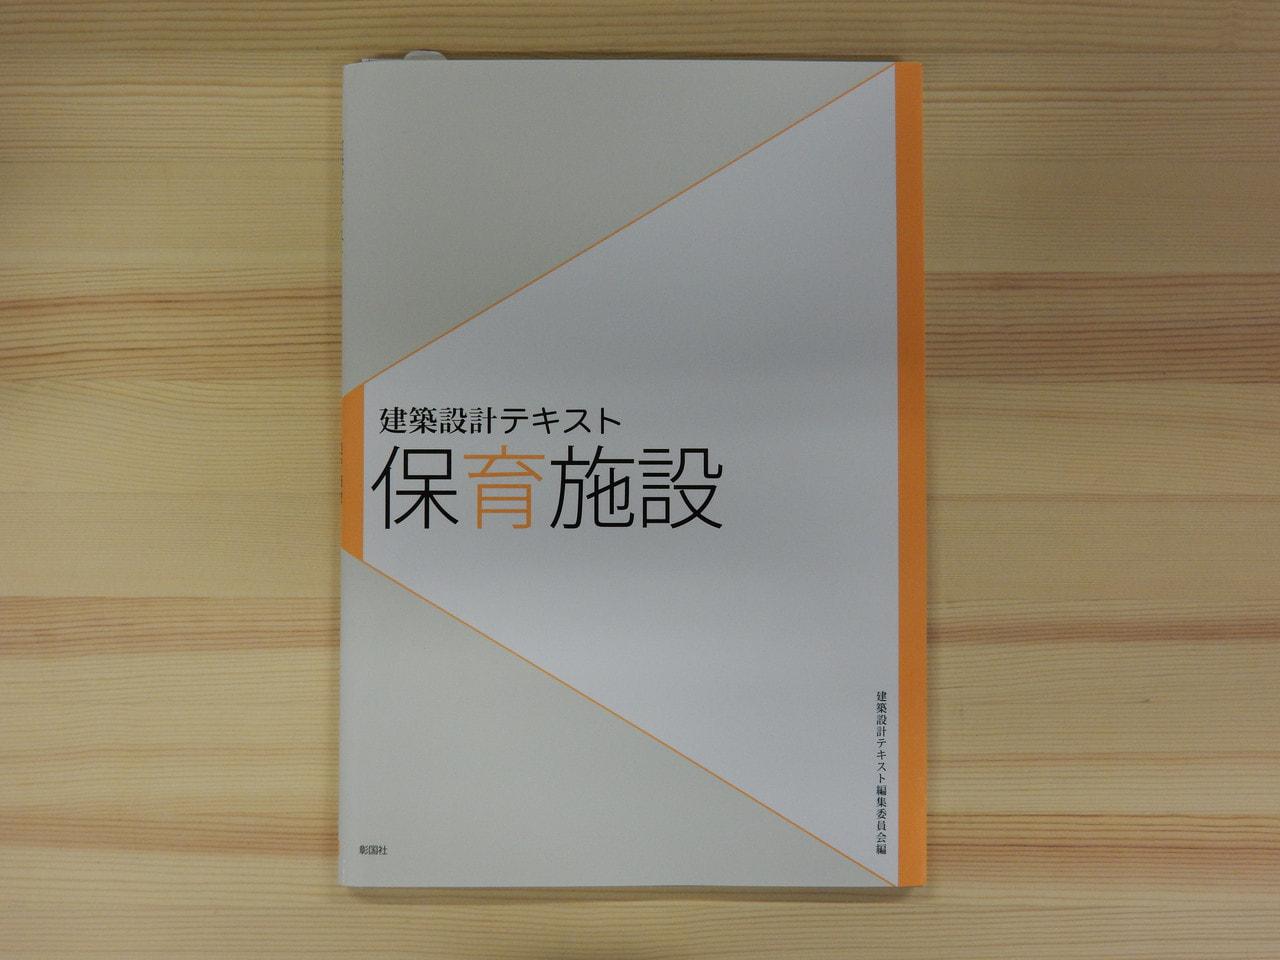 竹原先生が設計された「認定こども園あけぼの学園」が「建築設計テキスト 保育施設」に掲載